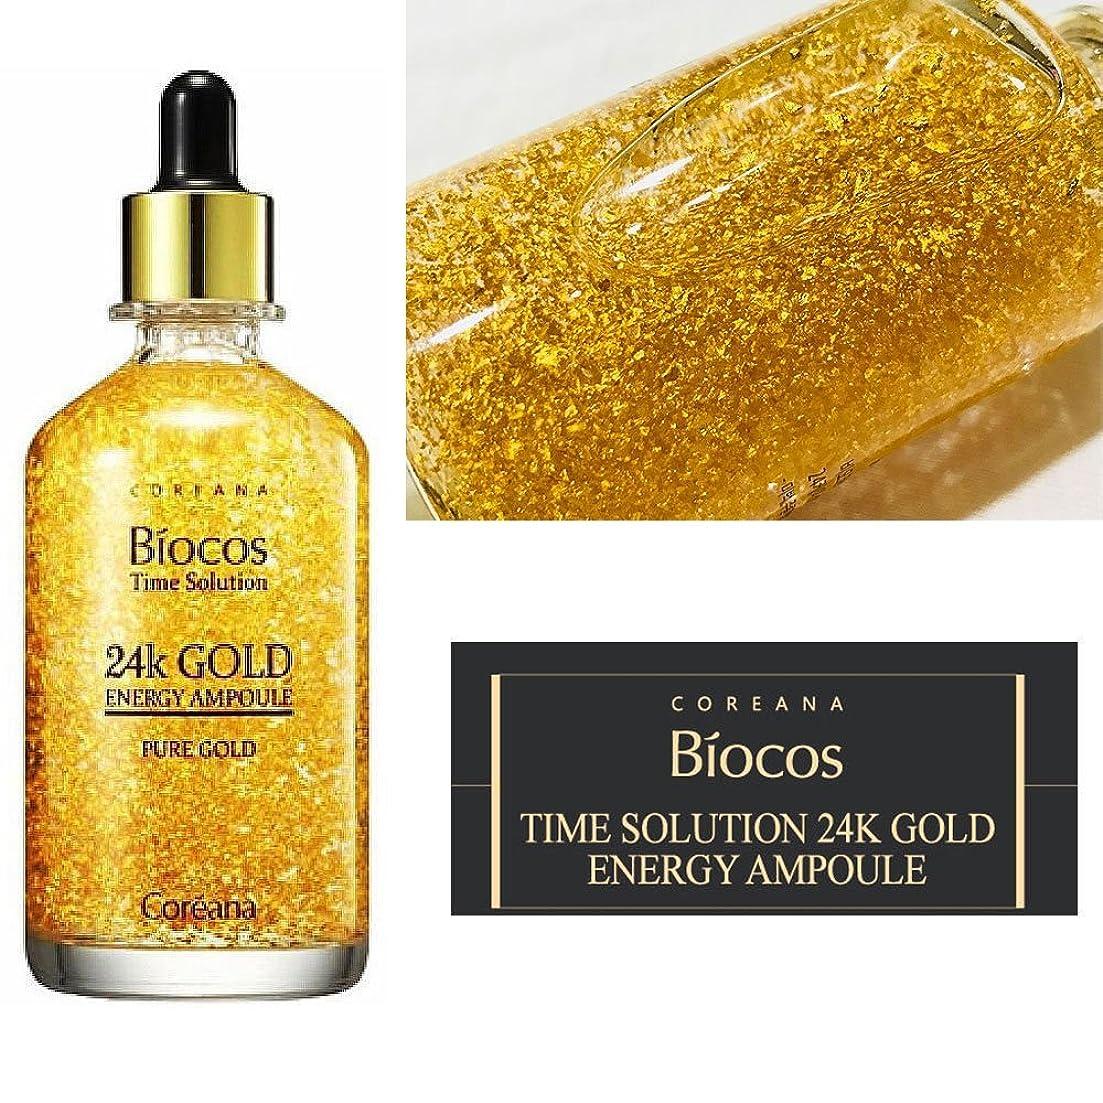 取る霧深いクリーム[COREANA] Biocos Time Solution 24kゴールドエナジーアンプル100ml/[COREANA] Biocos Time Solution 24K Gold Energy Ampoule - 100ml